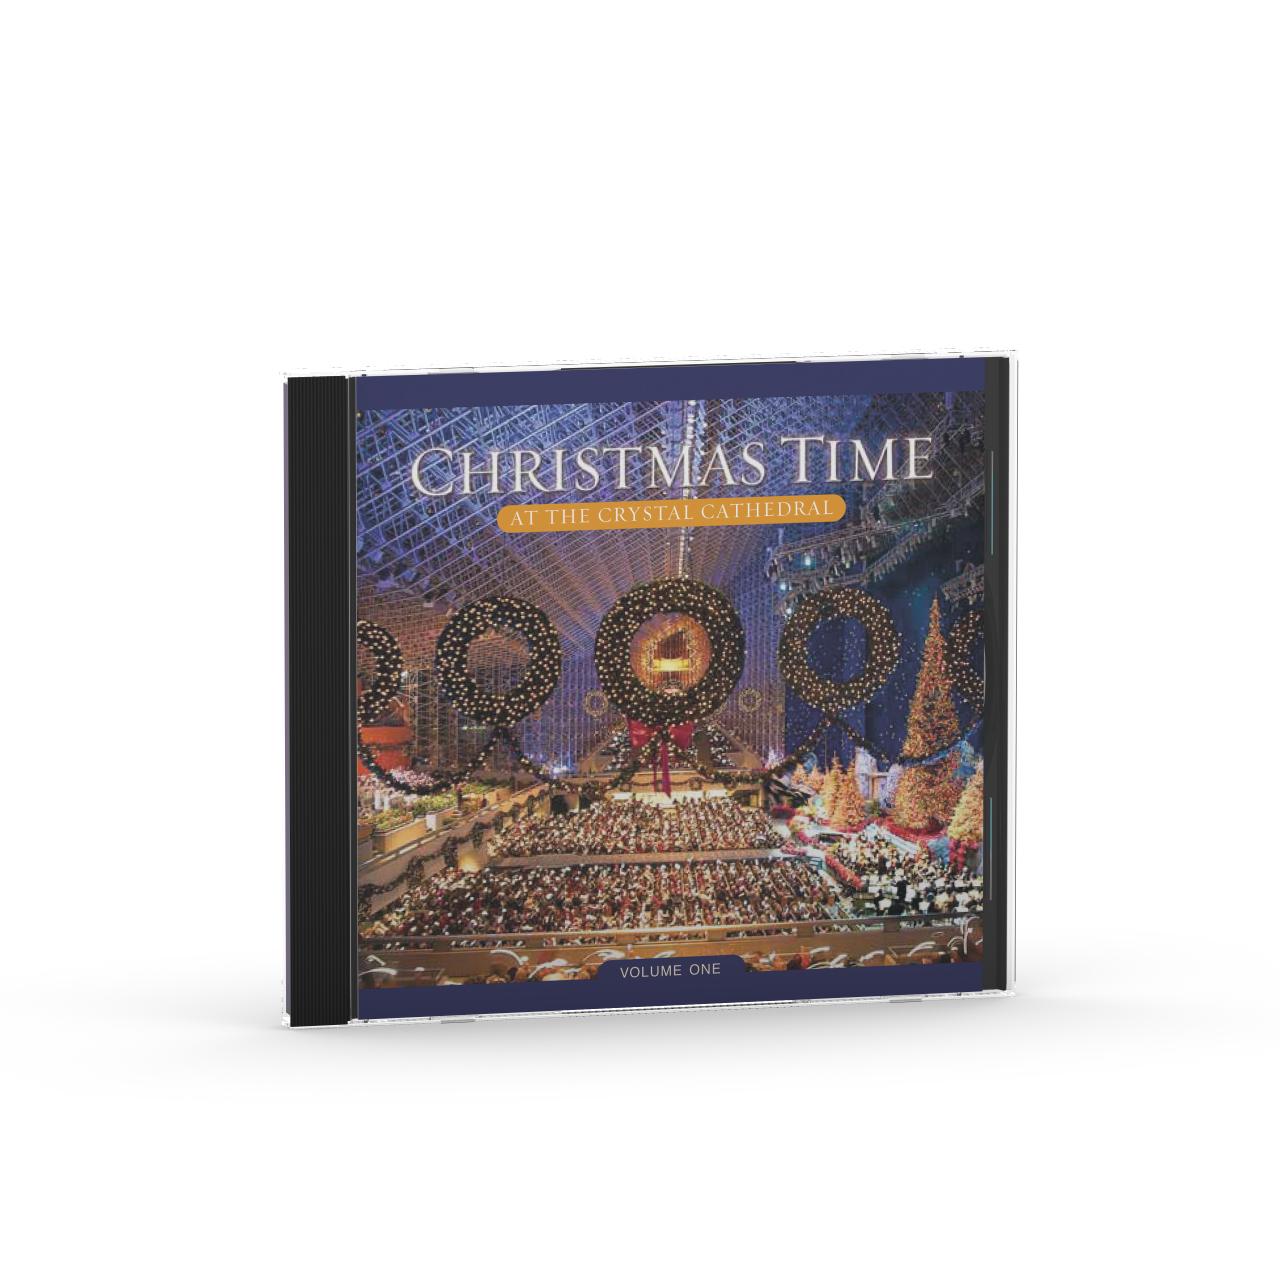 CD: Christmas time